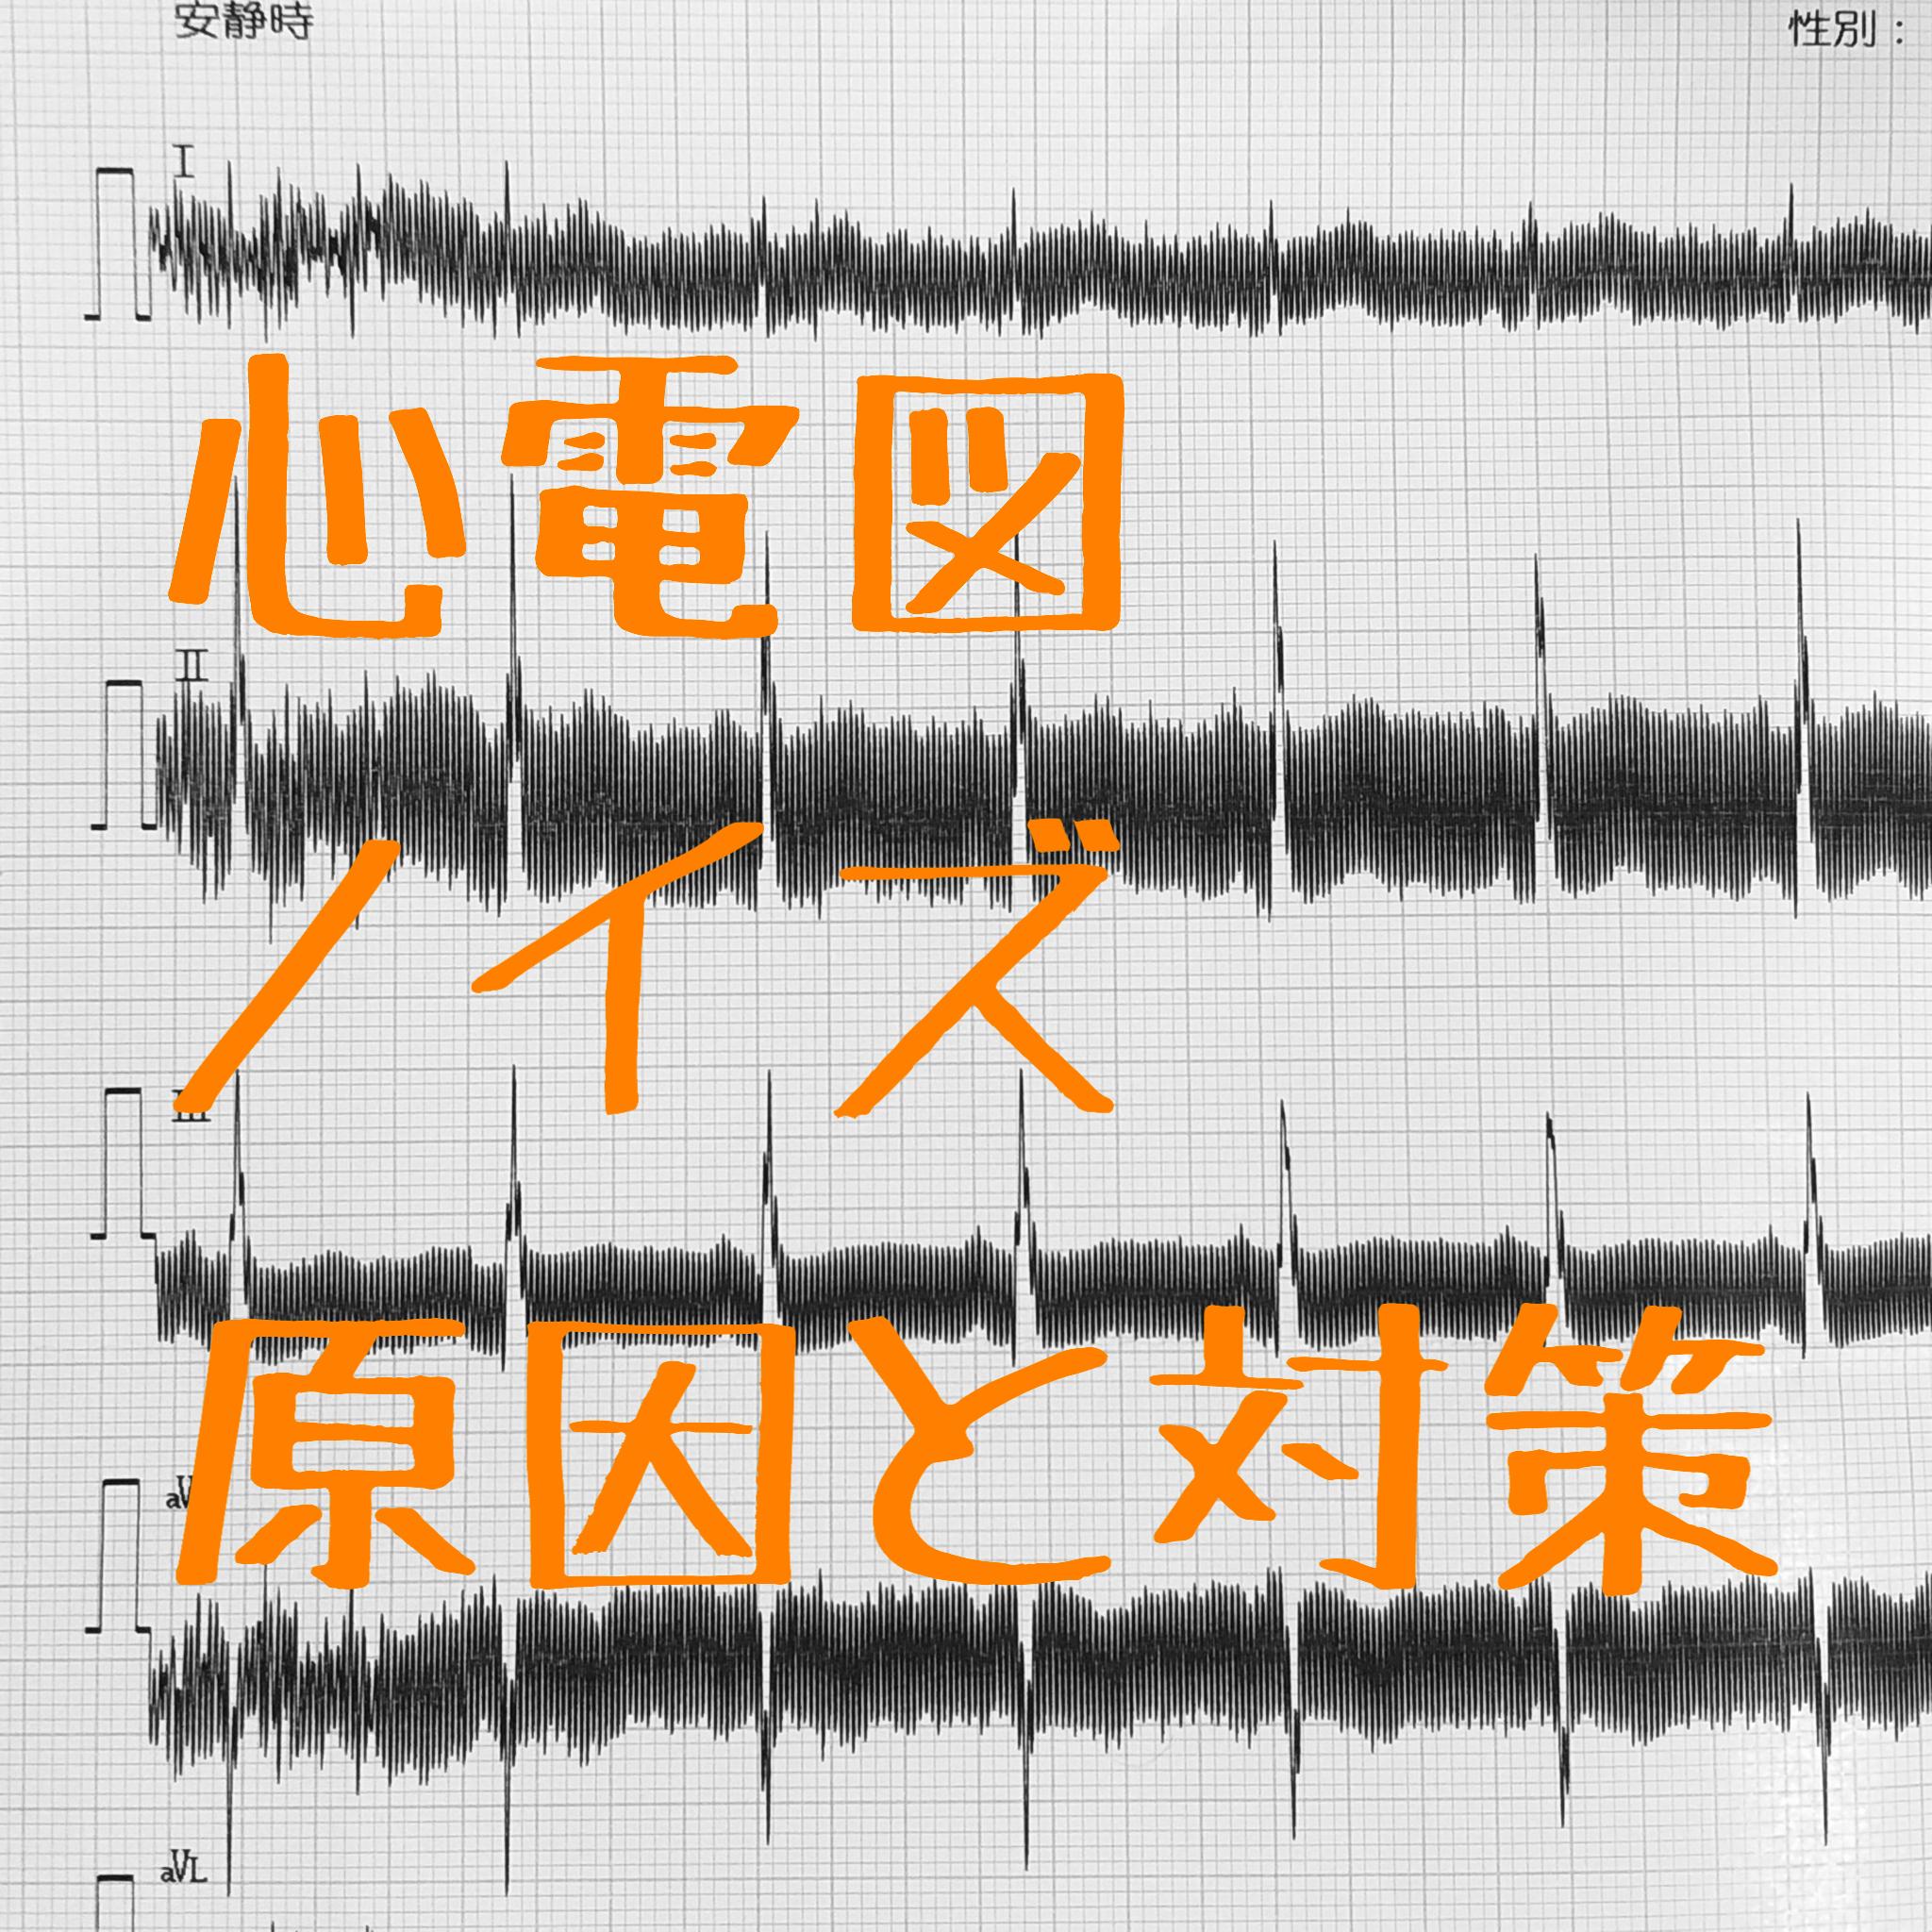 心電図にノイズが混入!原因と対策